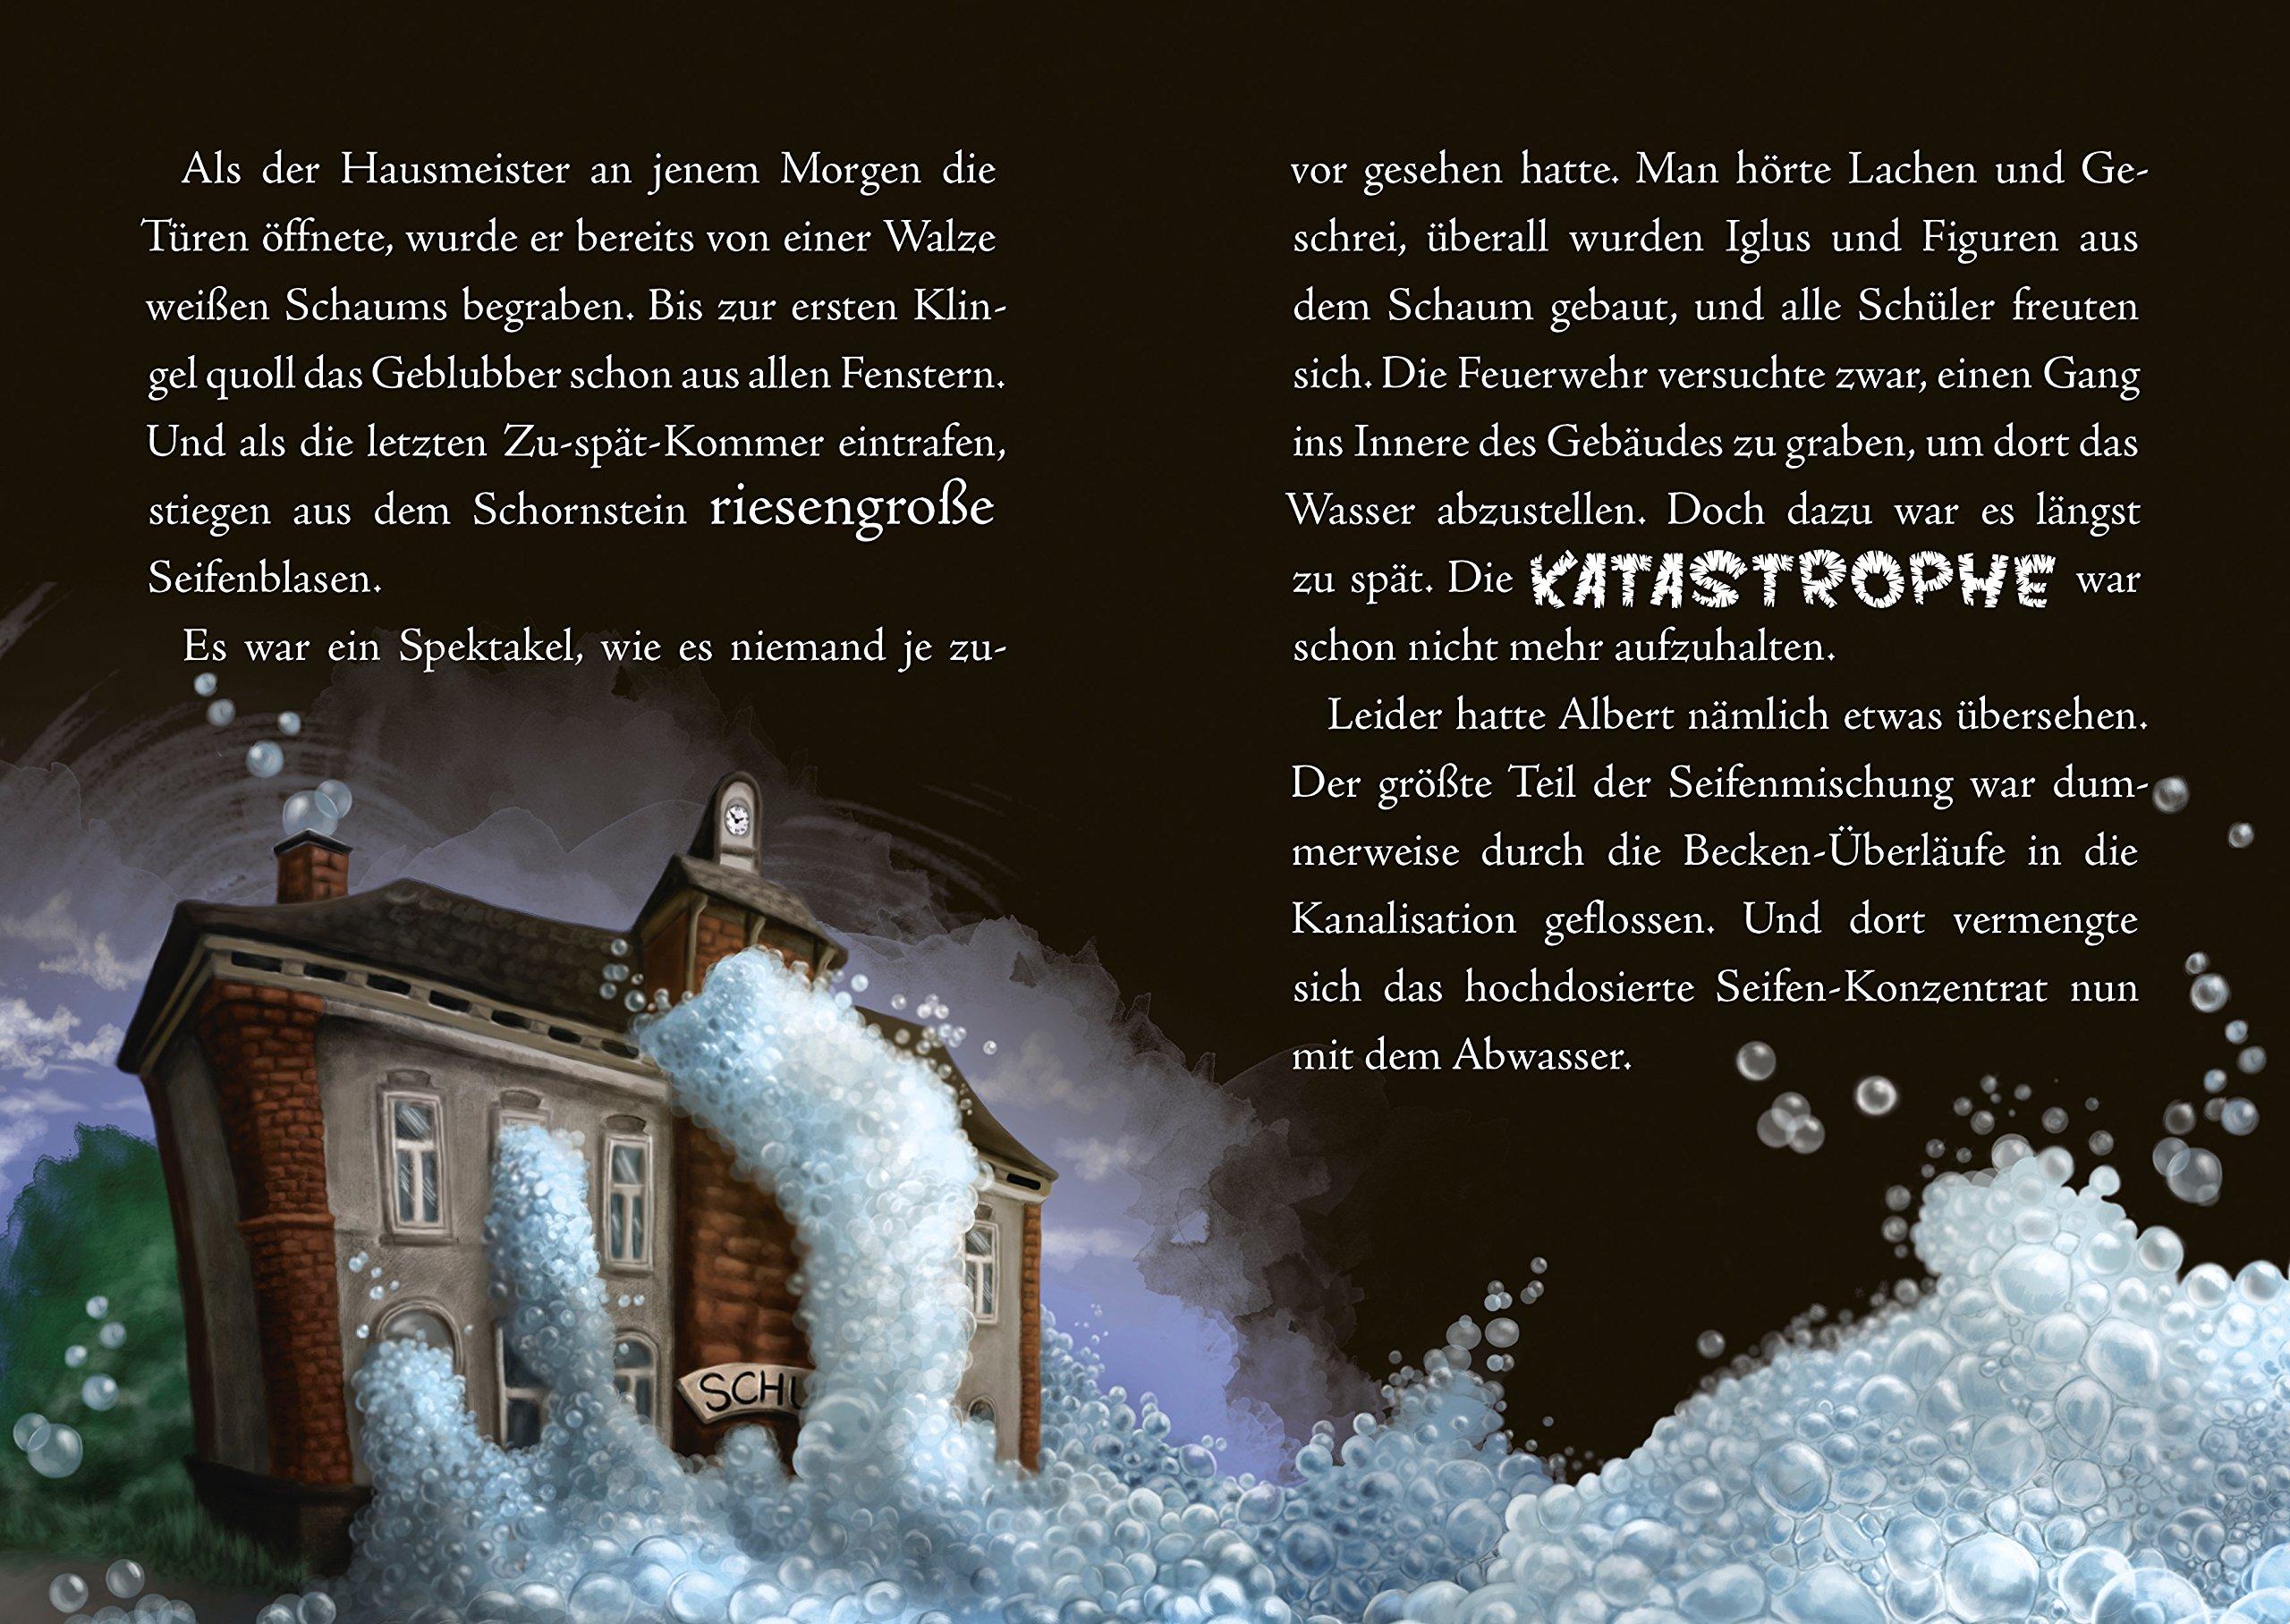 Das kleine Böse Buch: Amazon.de: Magnus Myst, Thomas Hussung: Bücher